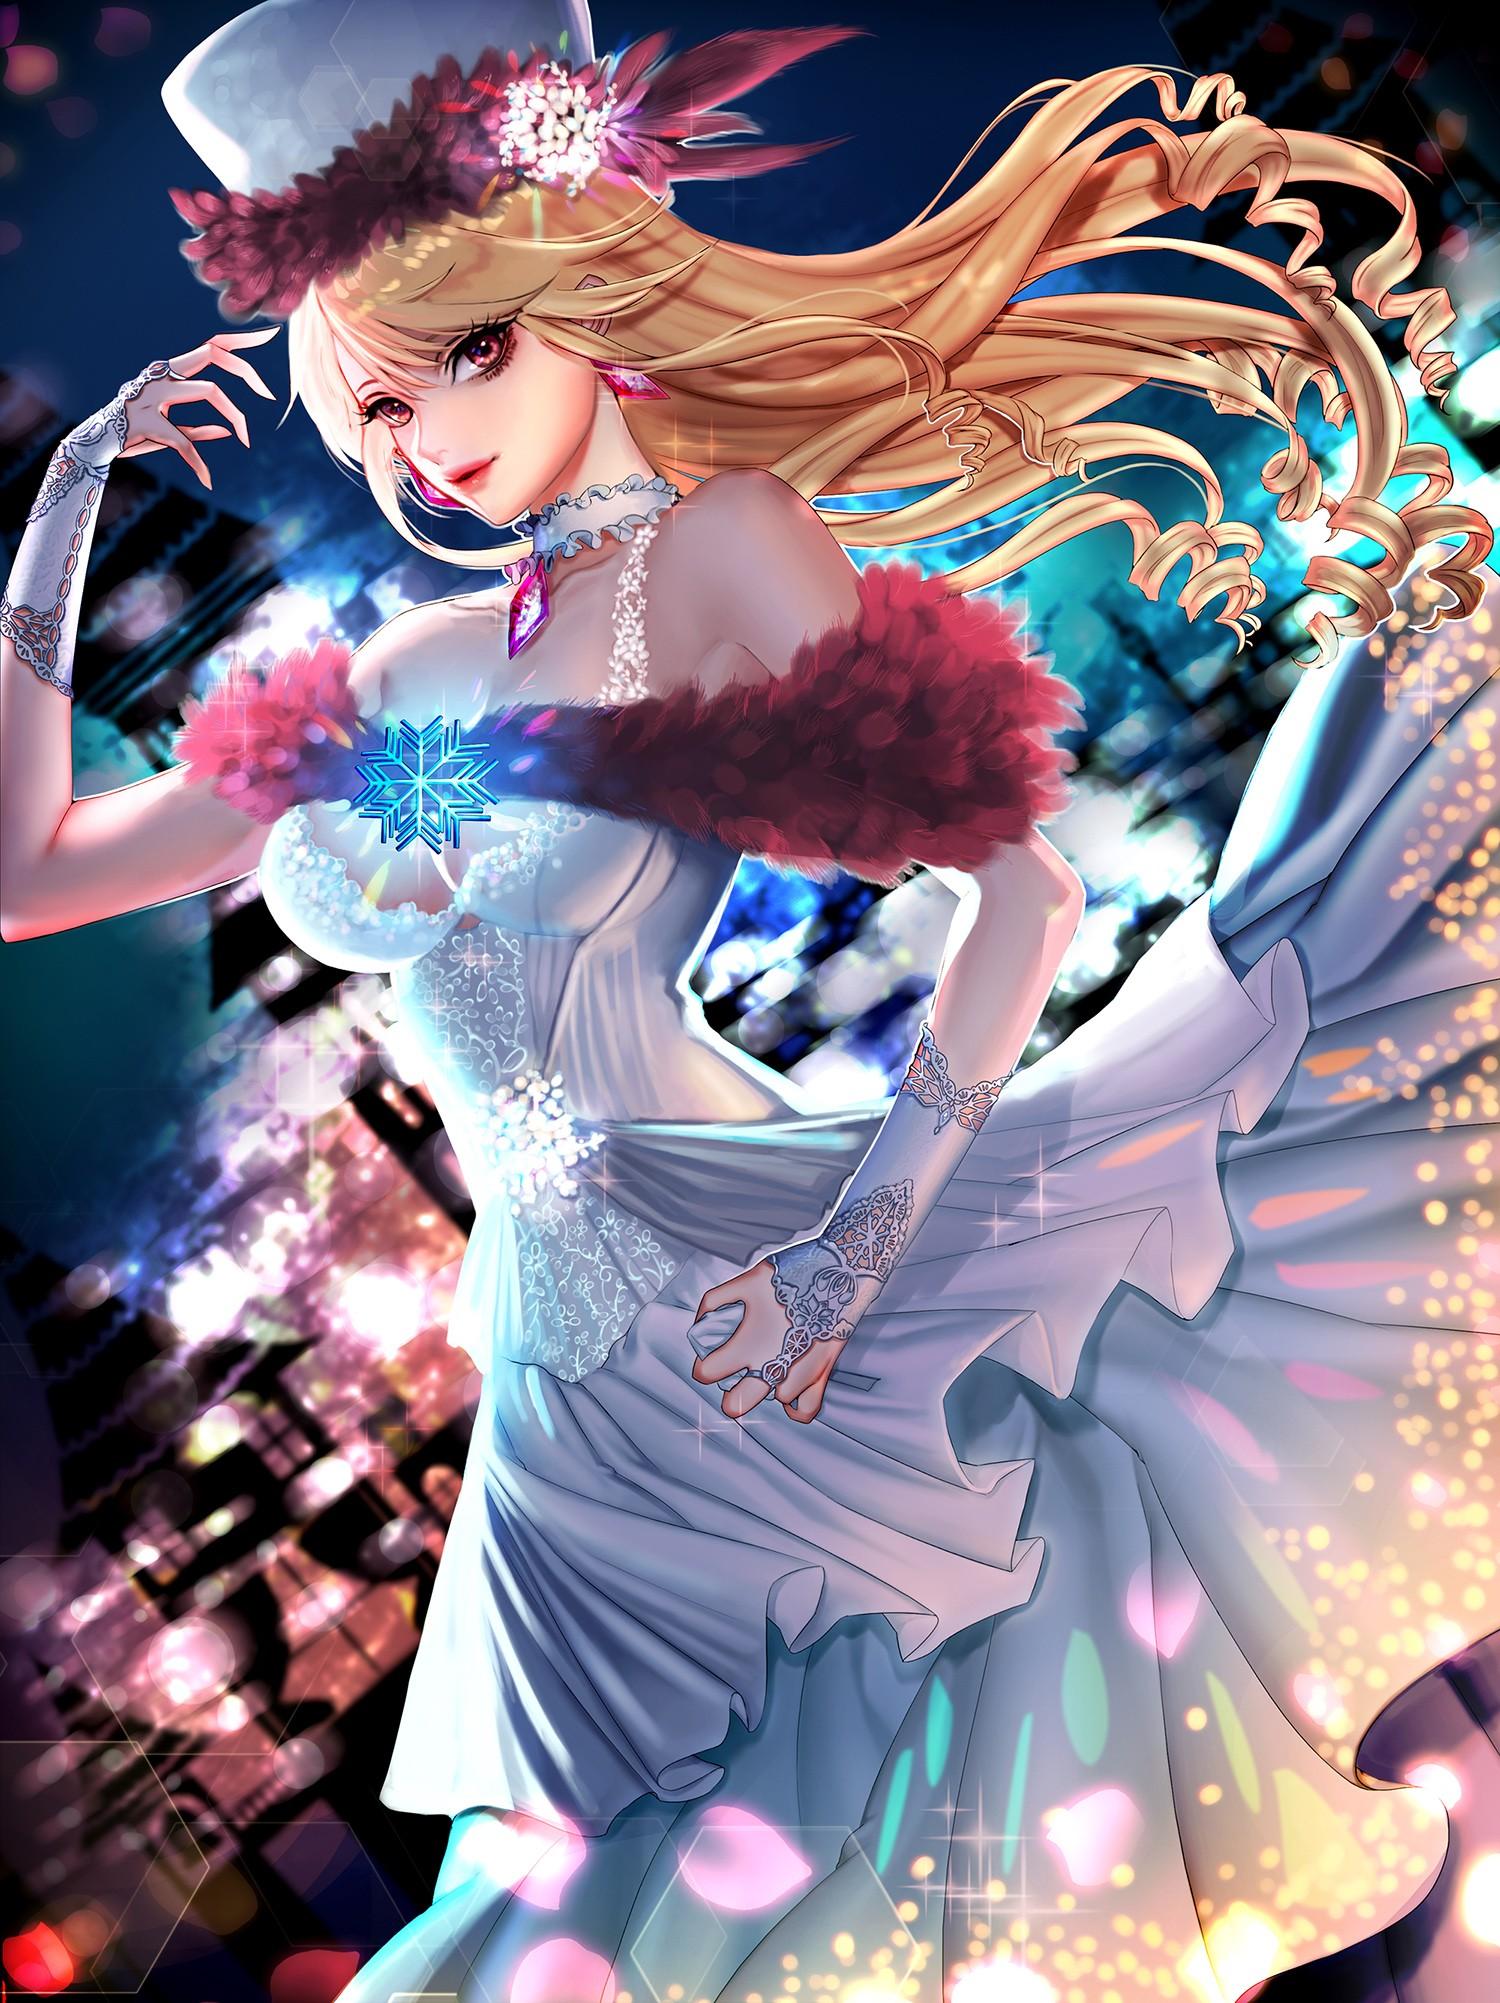 Fondos De Pantalla Ilustración Anime Chicas Anime